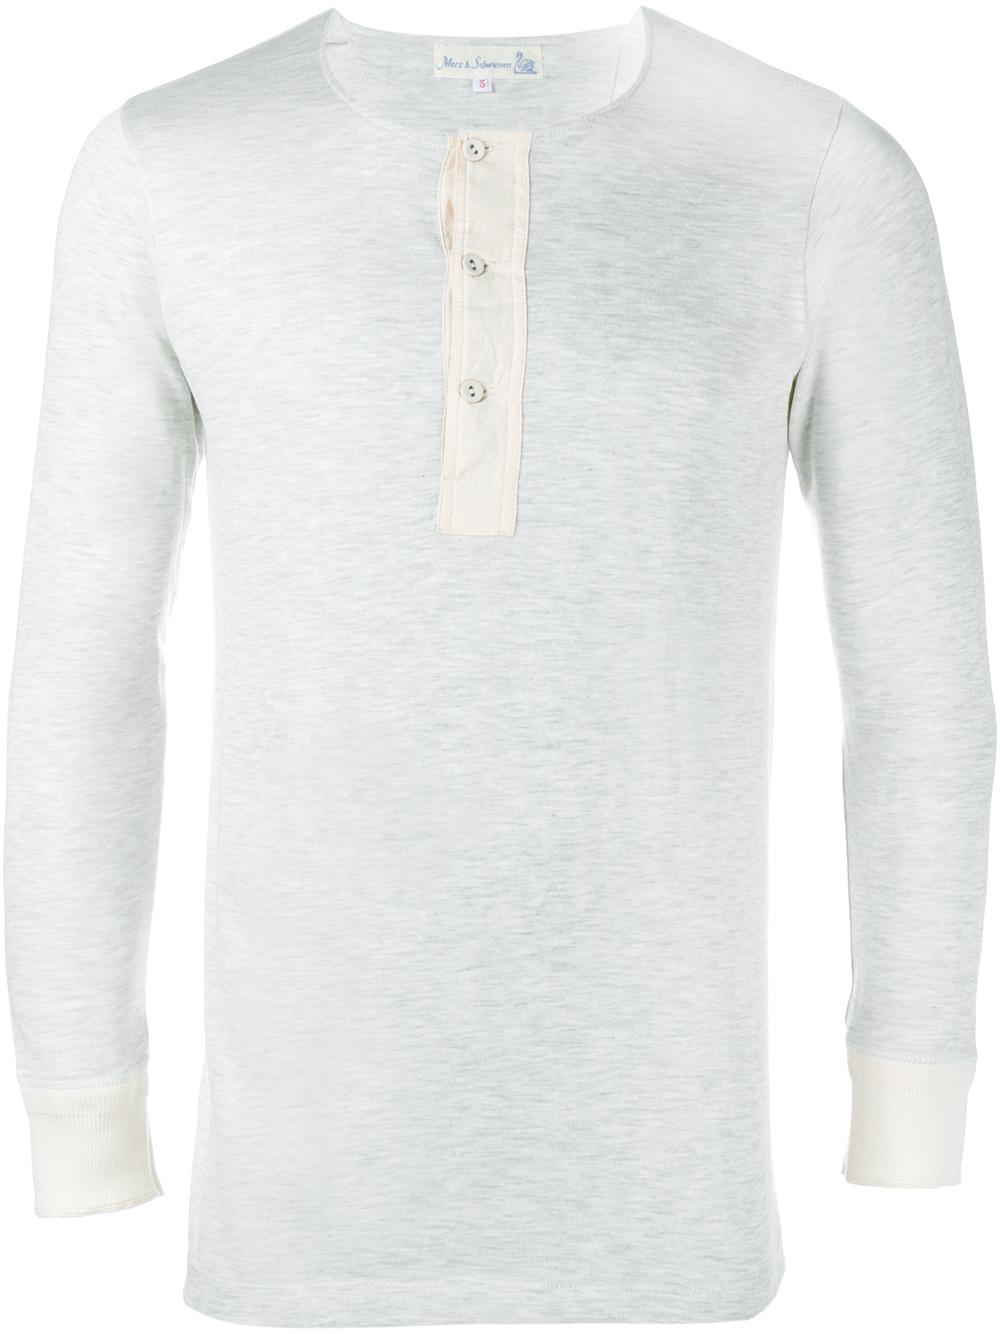 Mens Henley Long Sleeve Shirt